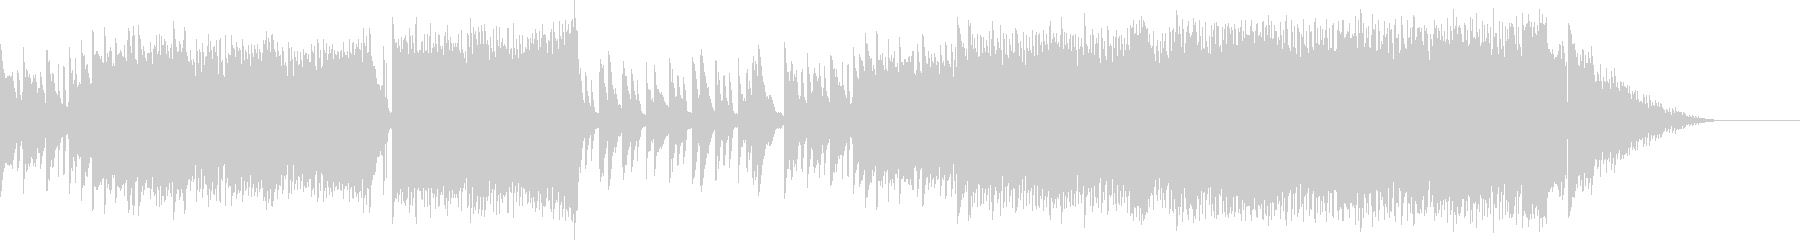 ピアノの旋律が印象的なラブバラードの未再生の波形